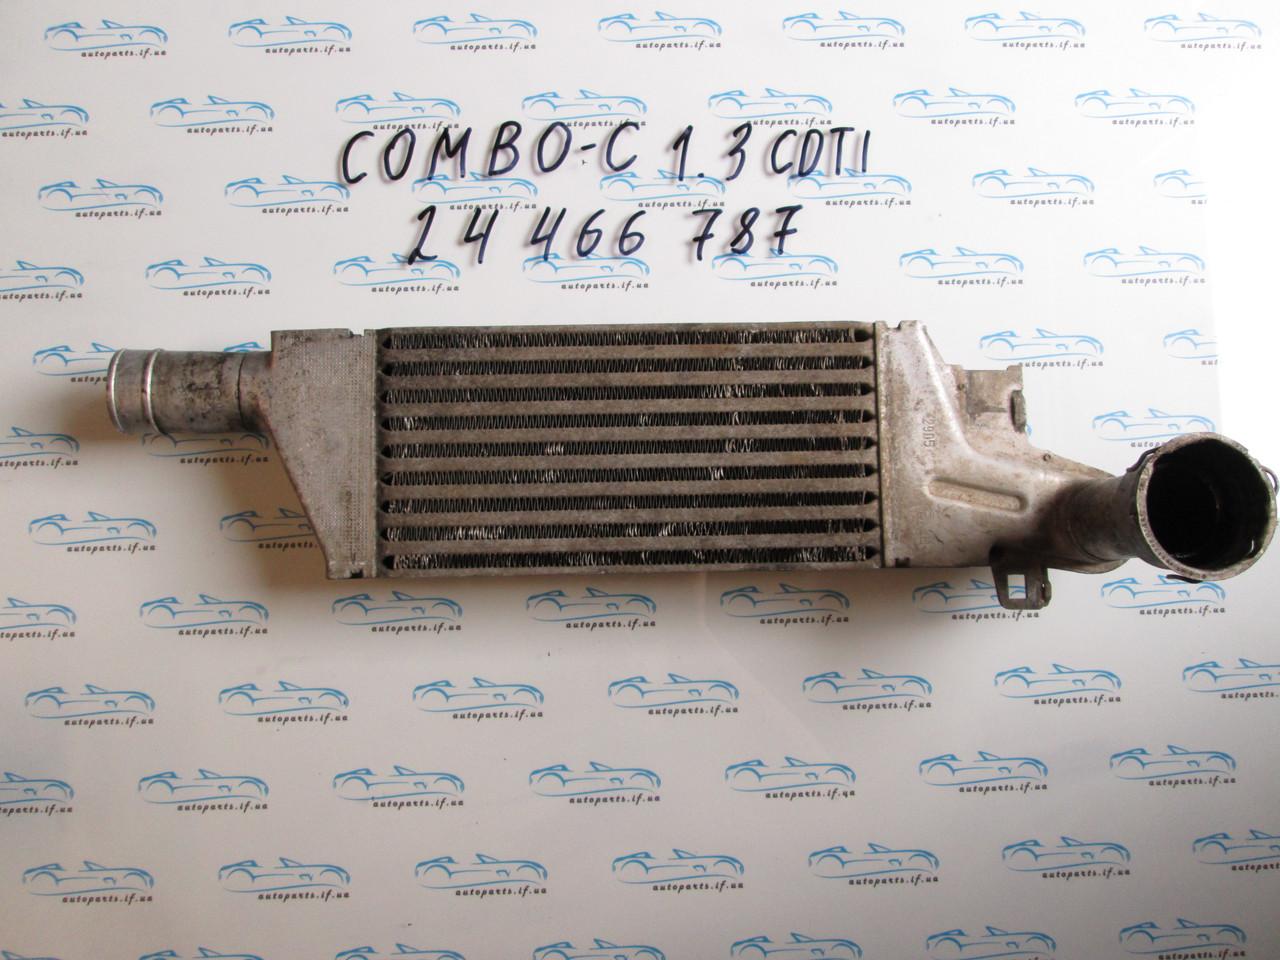 Радиатор интеркулера Корса, Combo 1.3CDTI 24466787